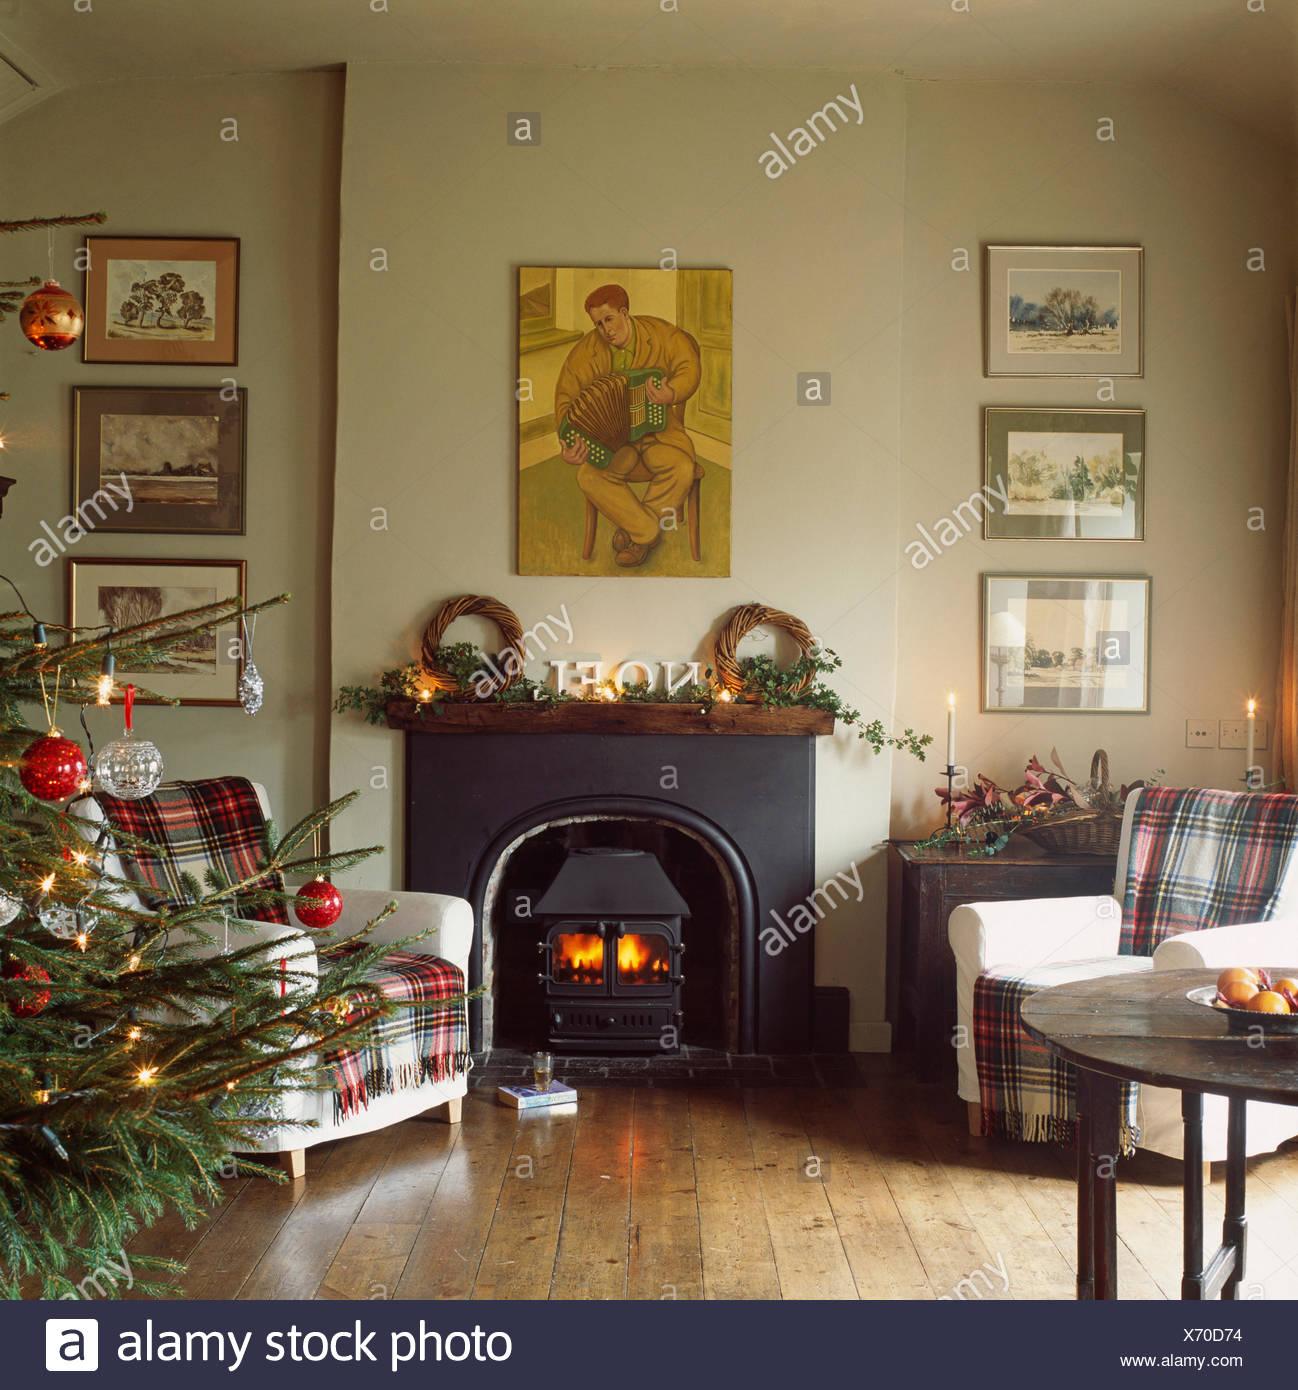 Tartan Teppiche Auf Cremefarbenen Sessel Auf Beiden Seiten Der Gusseiserne  Ofen Im Wohnzimmer Mit Weihnachtsbaum